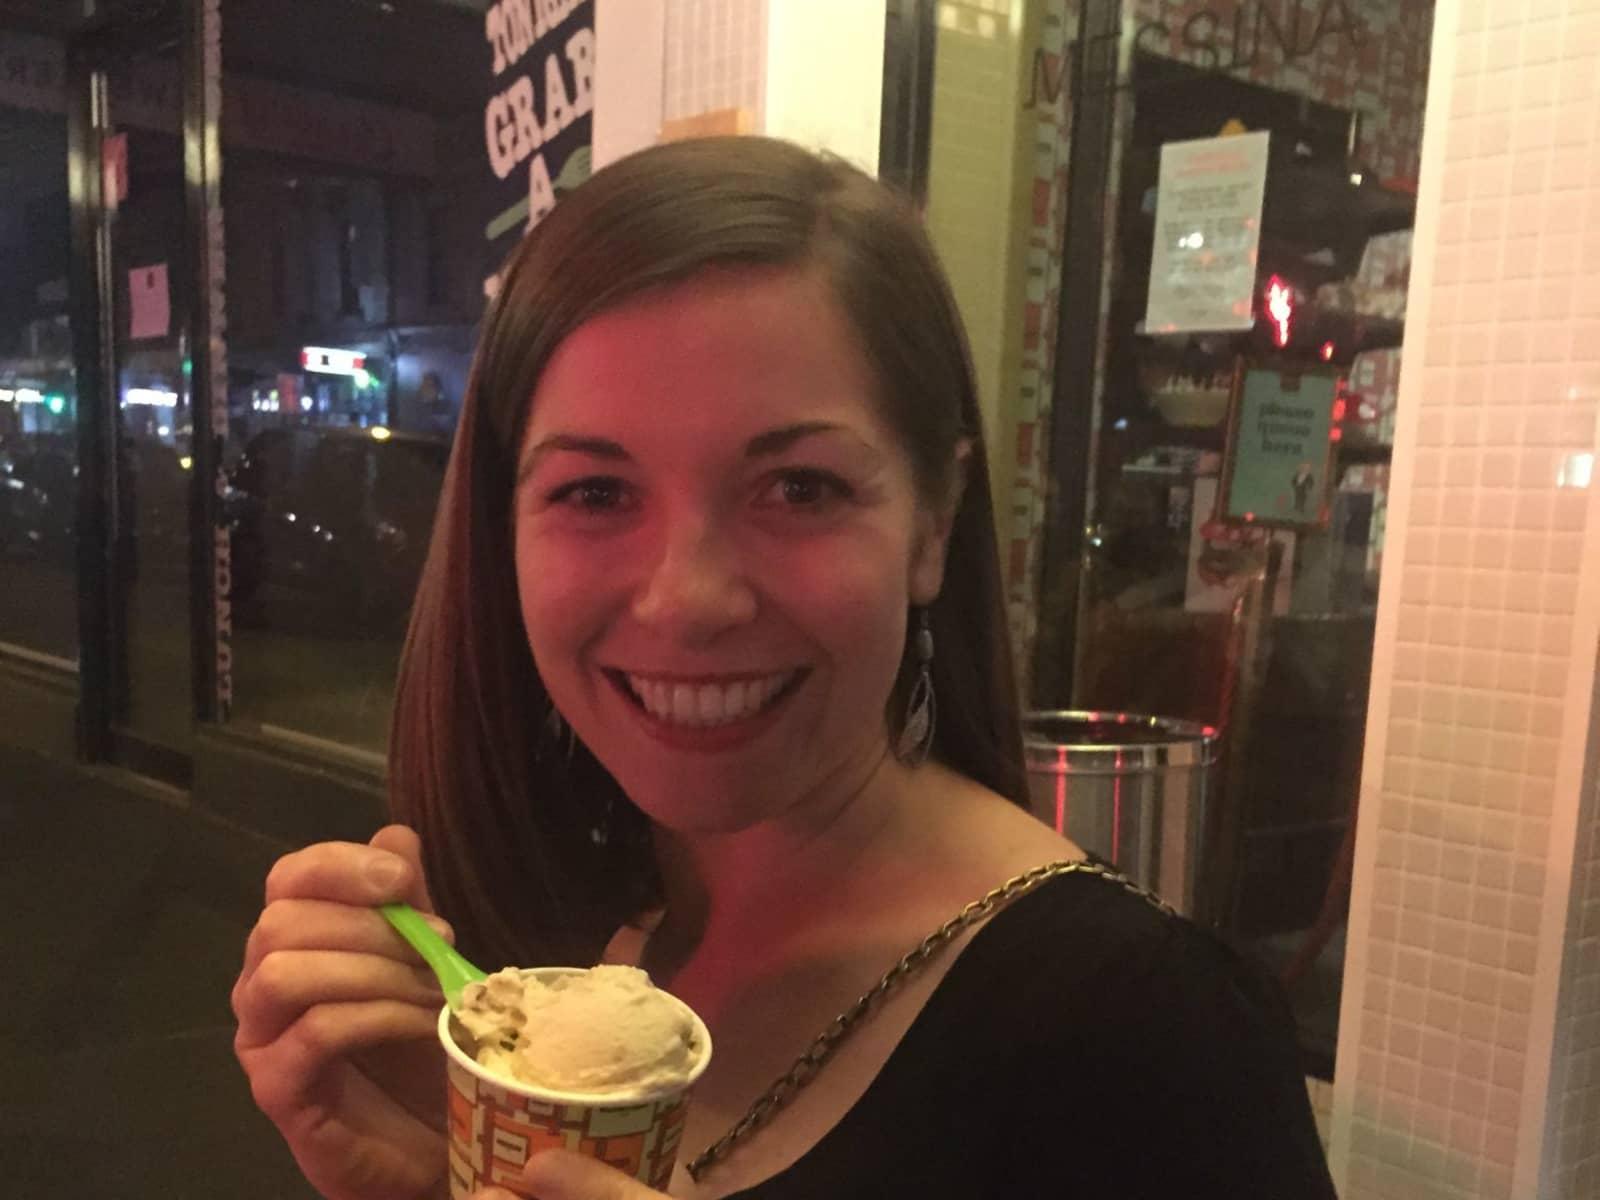 Alison from Melbourne, Victoria, Australia